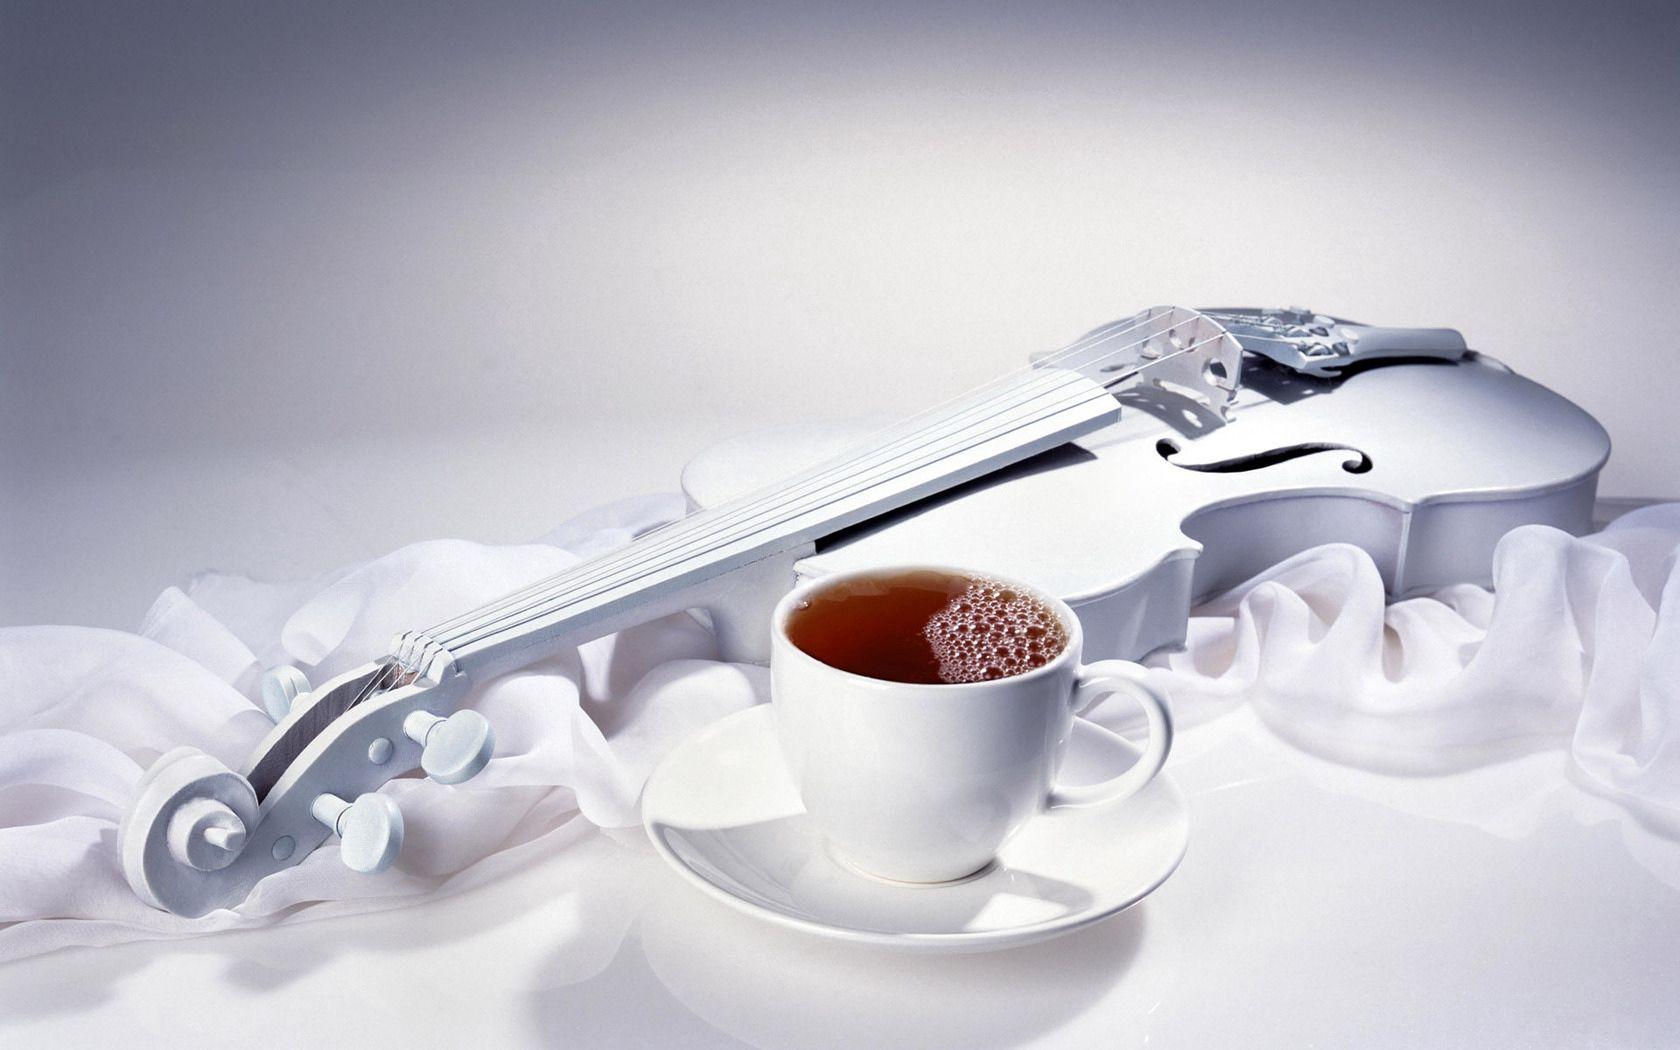 154056 Hintergrundbild herunterladen Getränke, Verschiedenes, Sonstige, Eine Tasse, Tasse, Die Kleidung, Tuch, Trinken, Tee, Die Seide, Seide, Violine - Bildschirmschoner und Bilder kostenlos